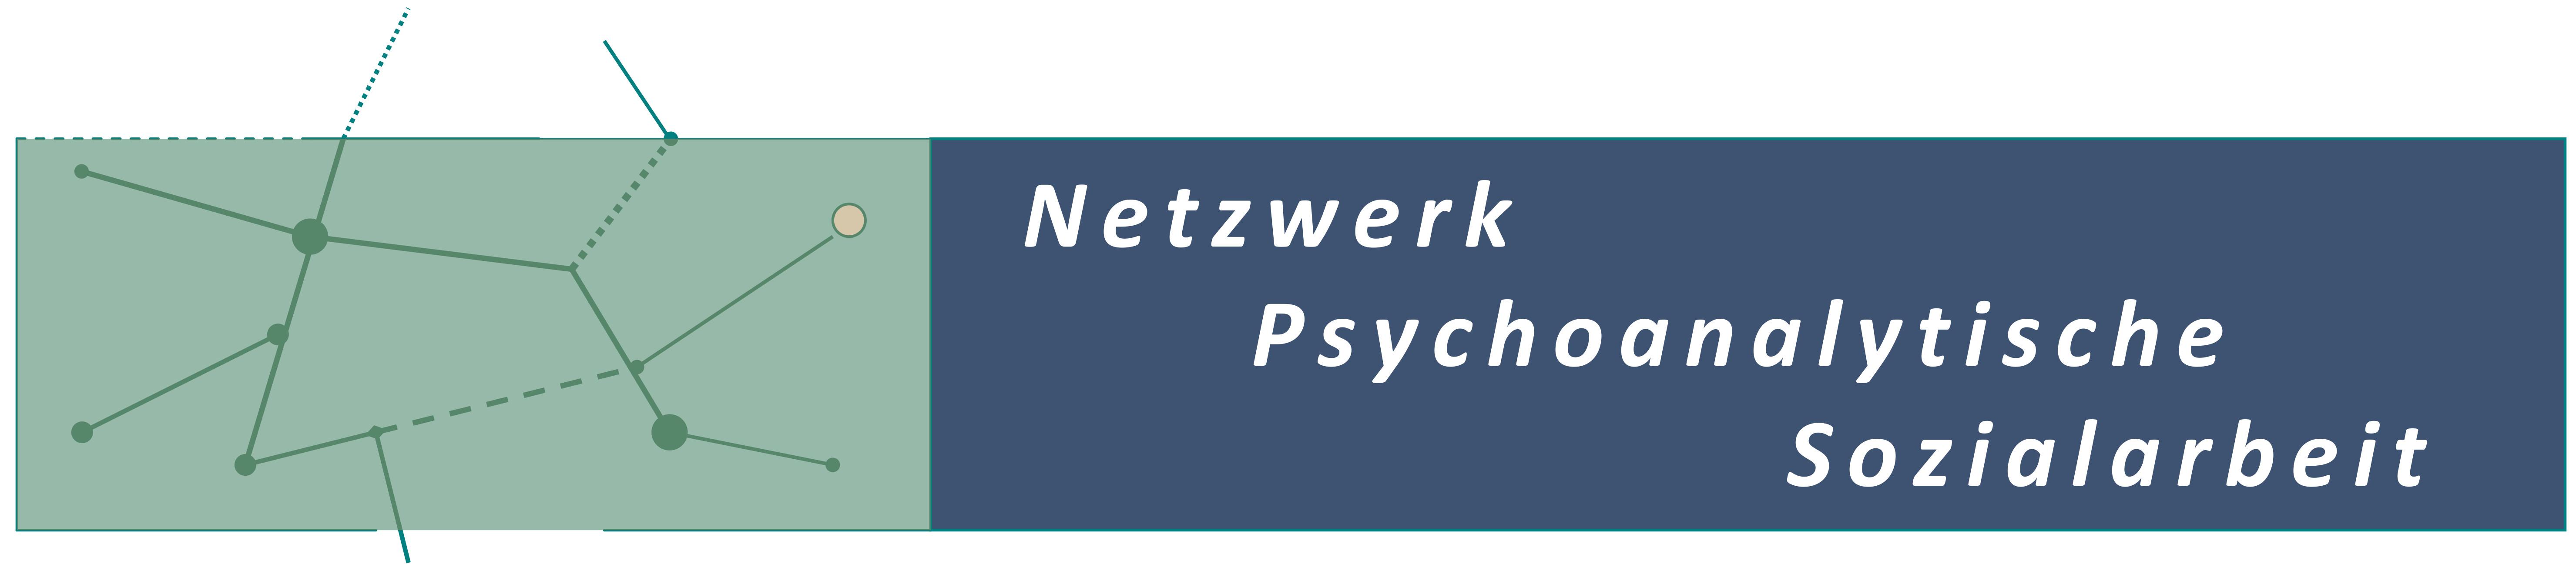 Netzwerk psychoanalytische Sozialarbeit